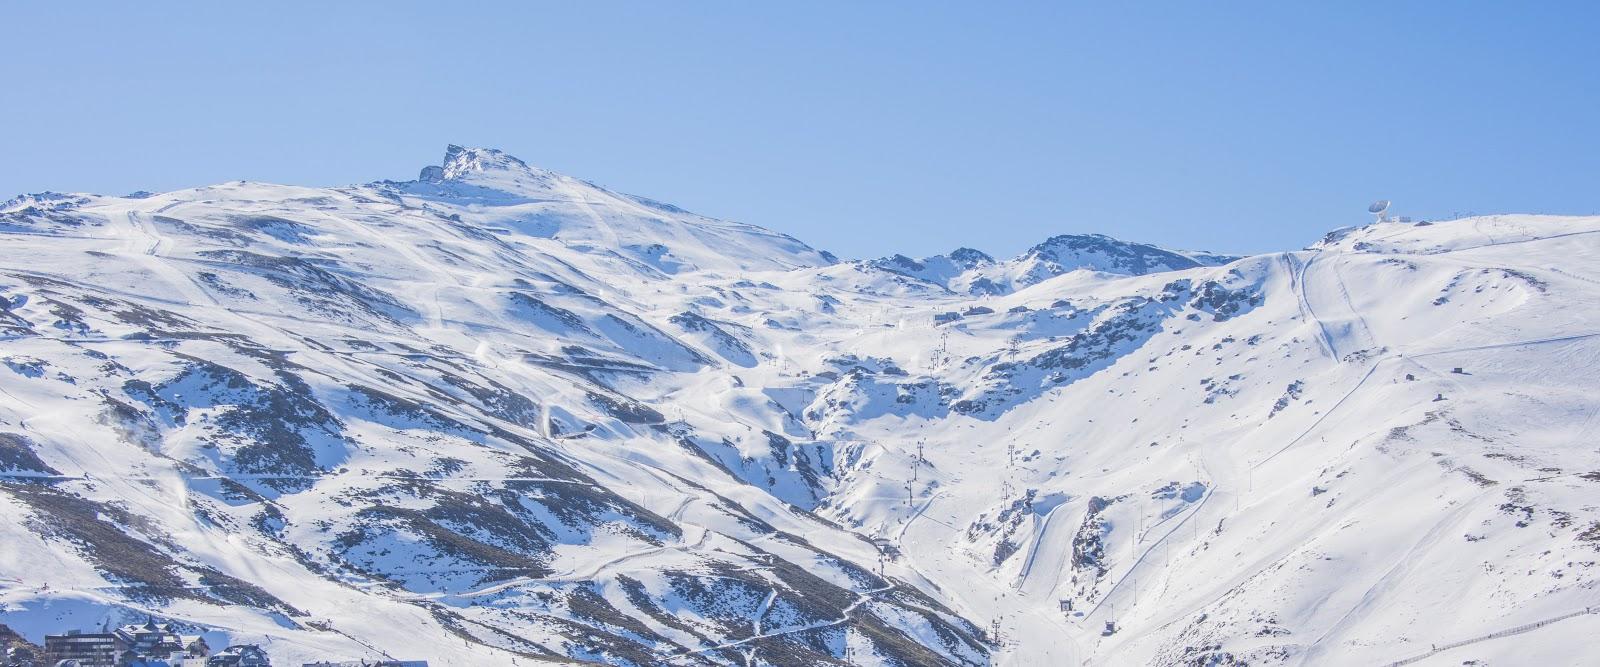 Vista aérea de la estación de esquí Sierra Nevada